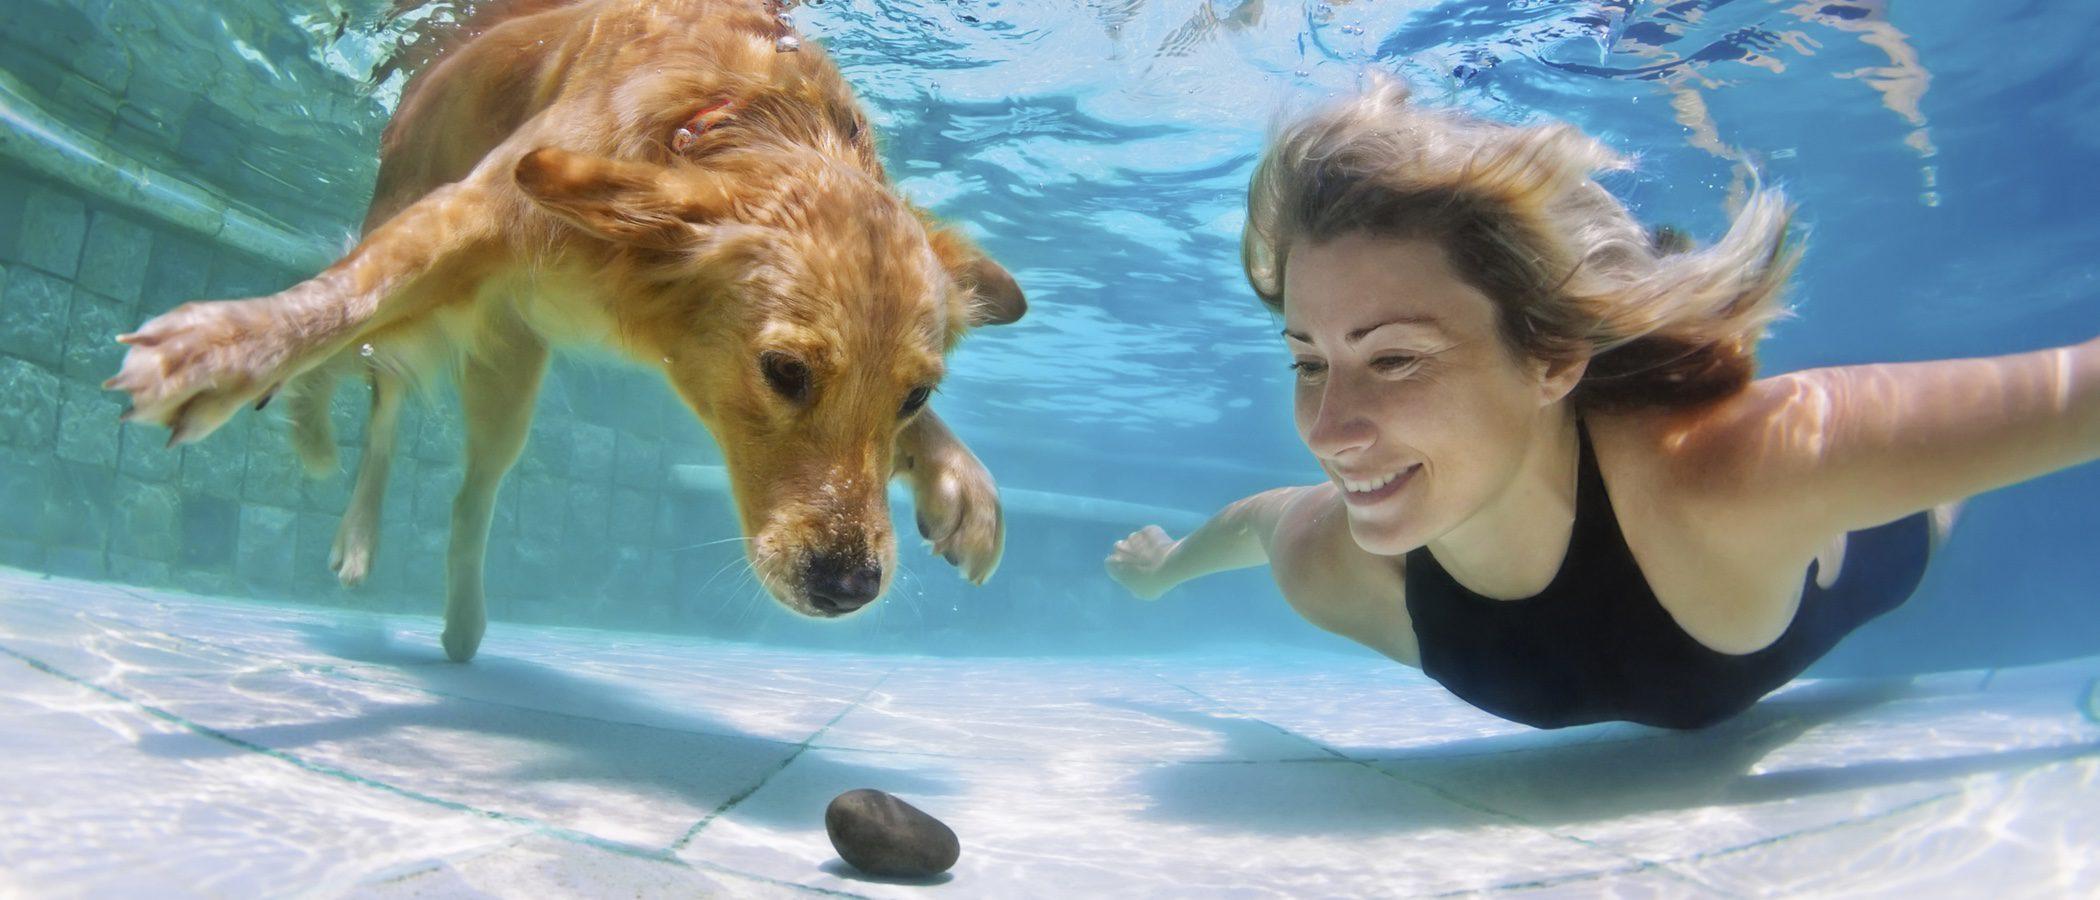 ¿Cómo puedo hacer que mi perro no se asuste con el agua?